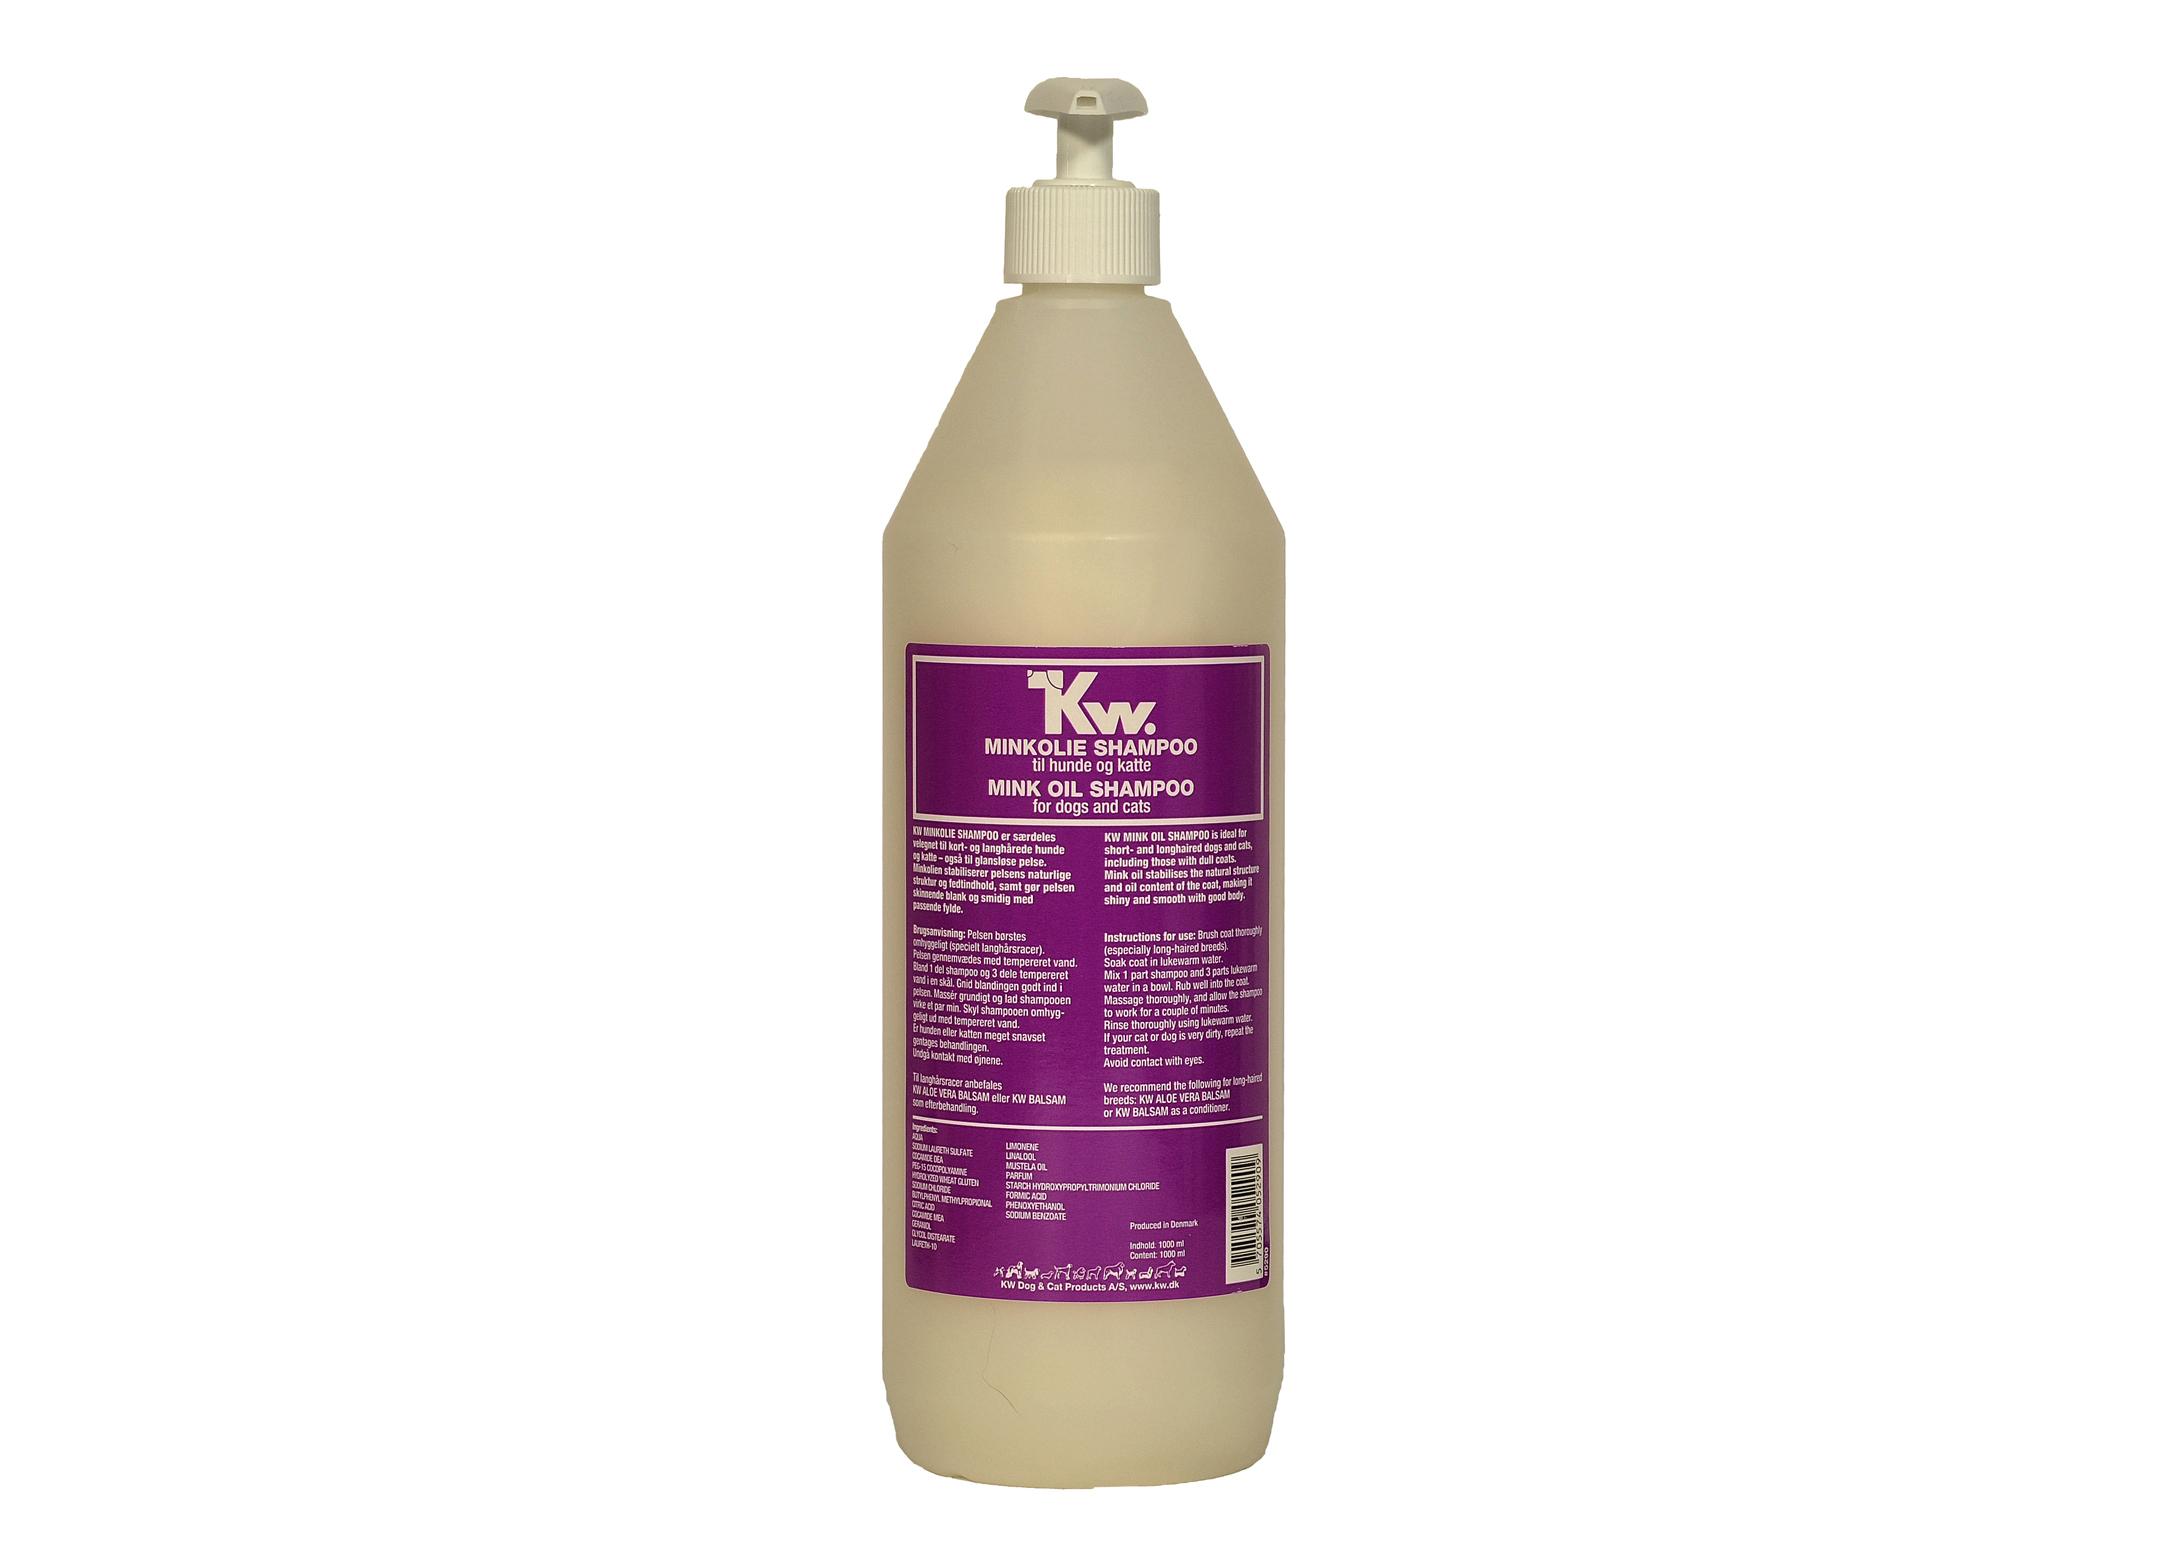 KW Mink Oil Shampoo 1L